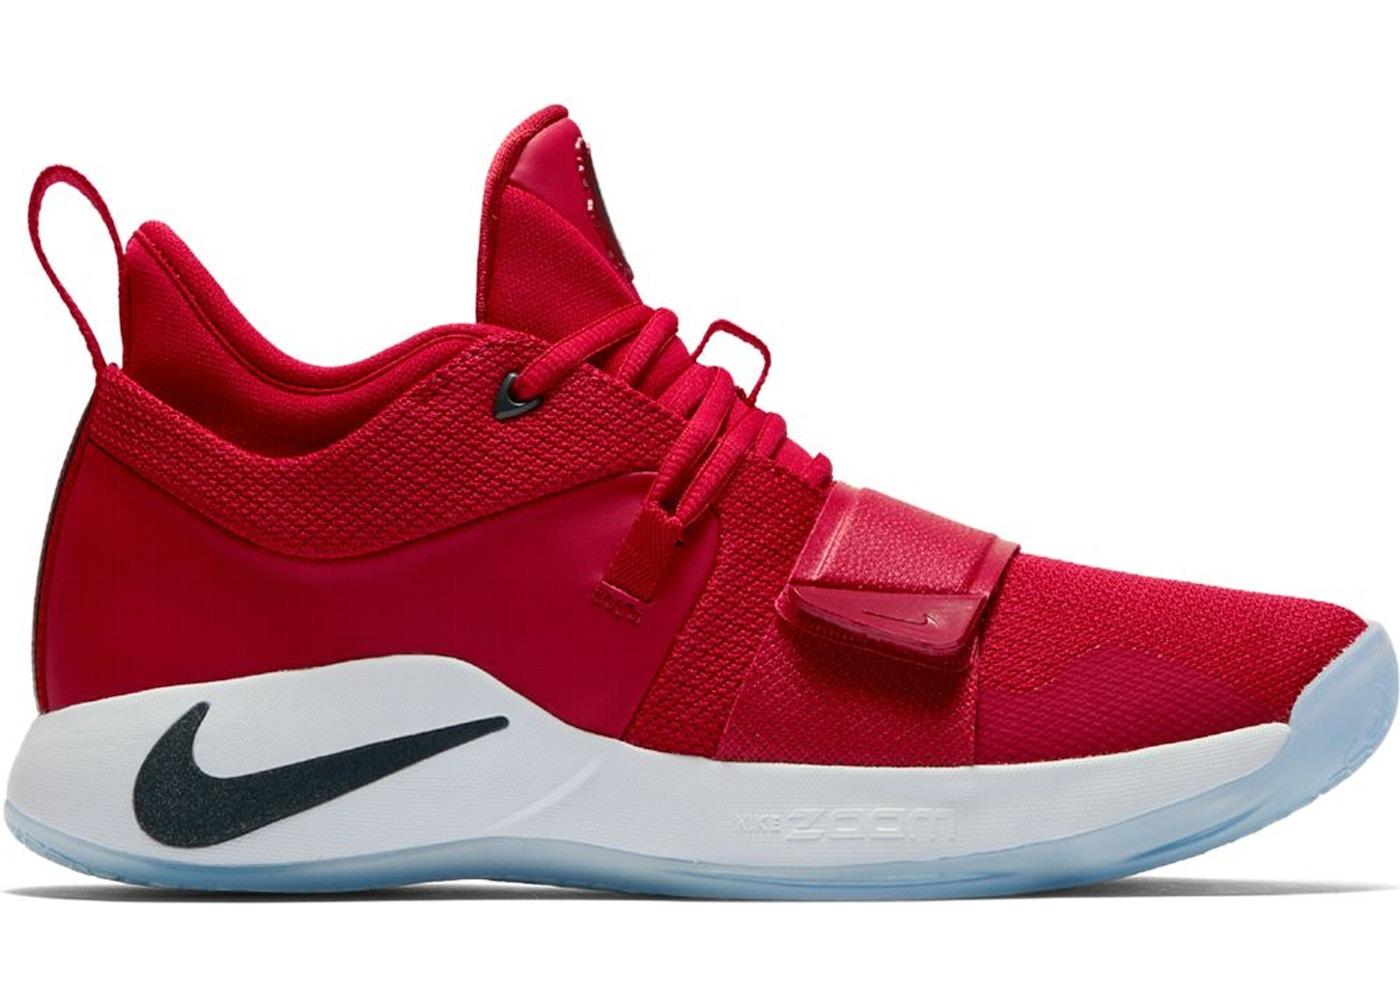 2738f146dc7a Nike PG 2.5 Fresno State - BQ8452-600